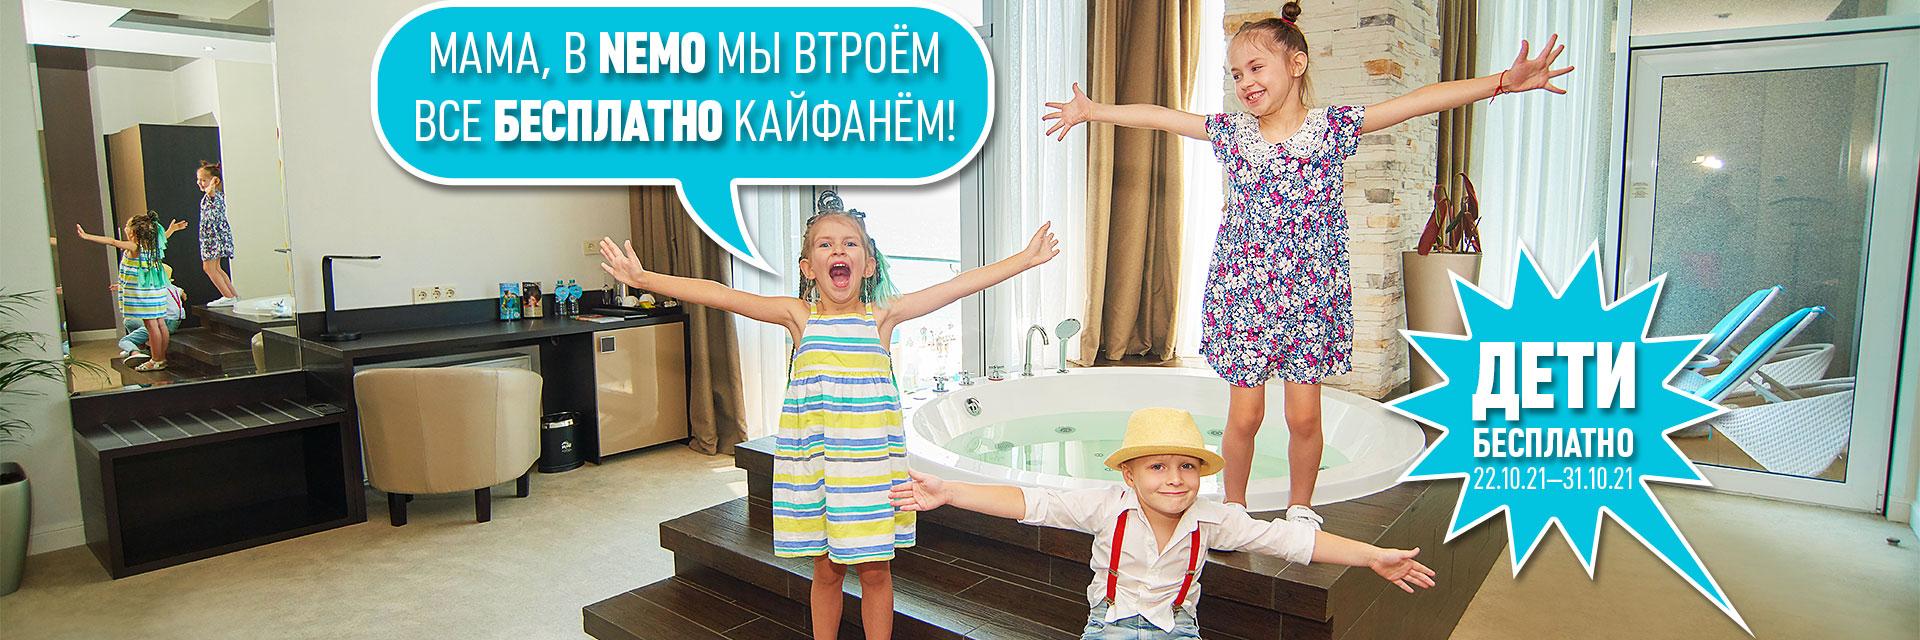 Дети проживают бесплатно в RESORT & SPA HOTEL NEMO, фото № 1